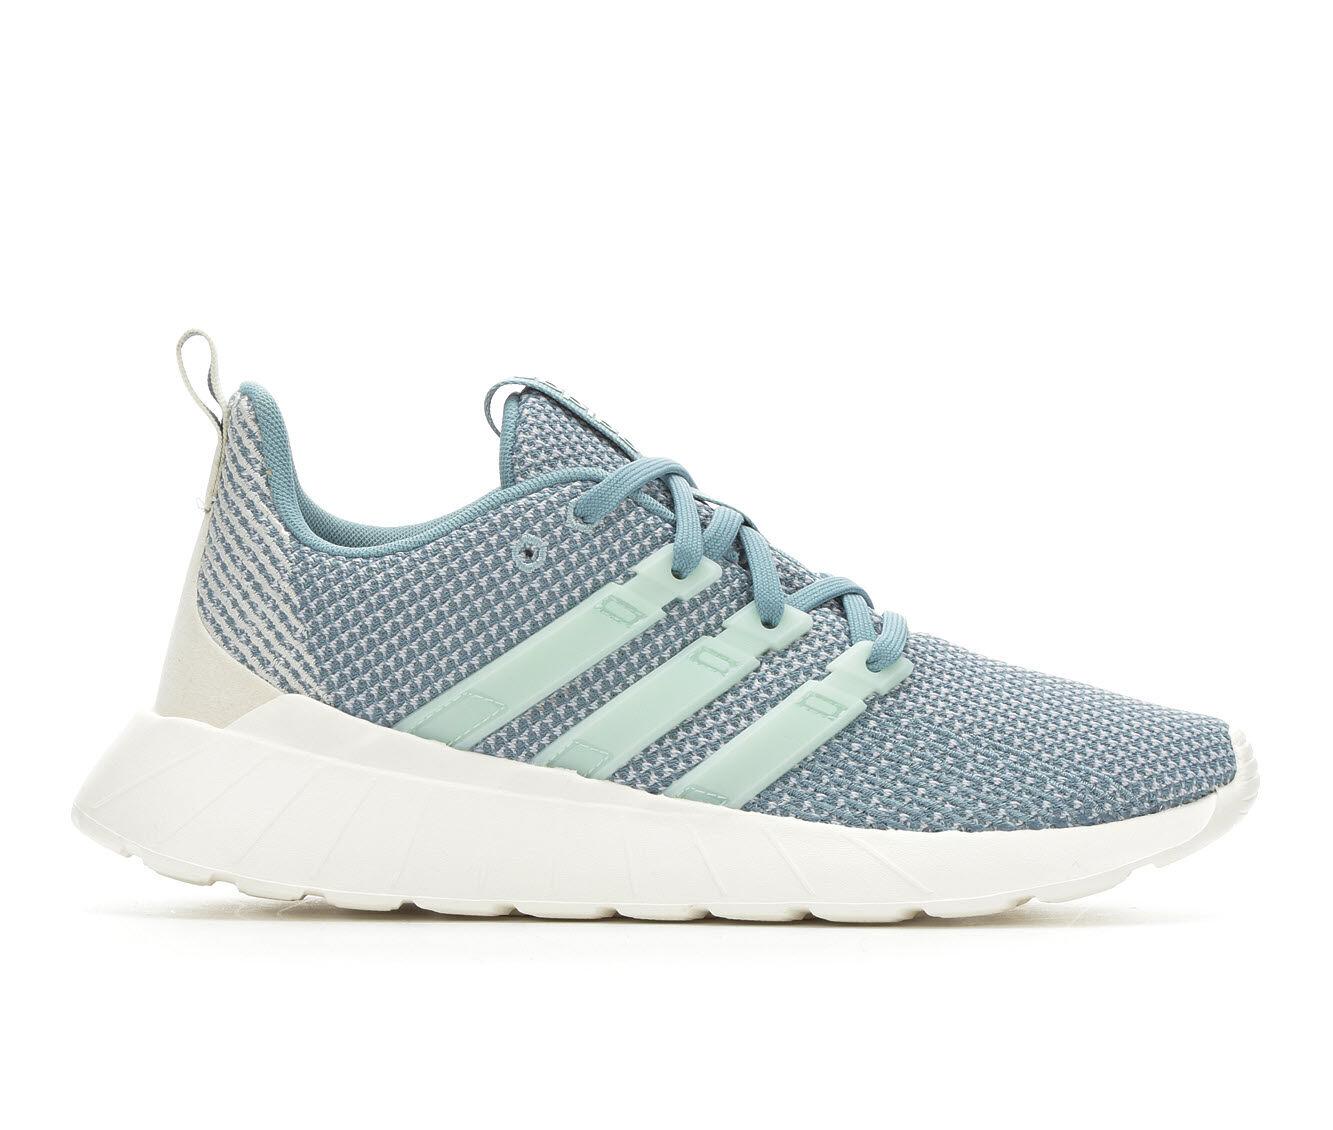 Women's Adidas Questar Flow Sneakers Grey/Mint/Wht